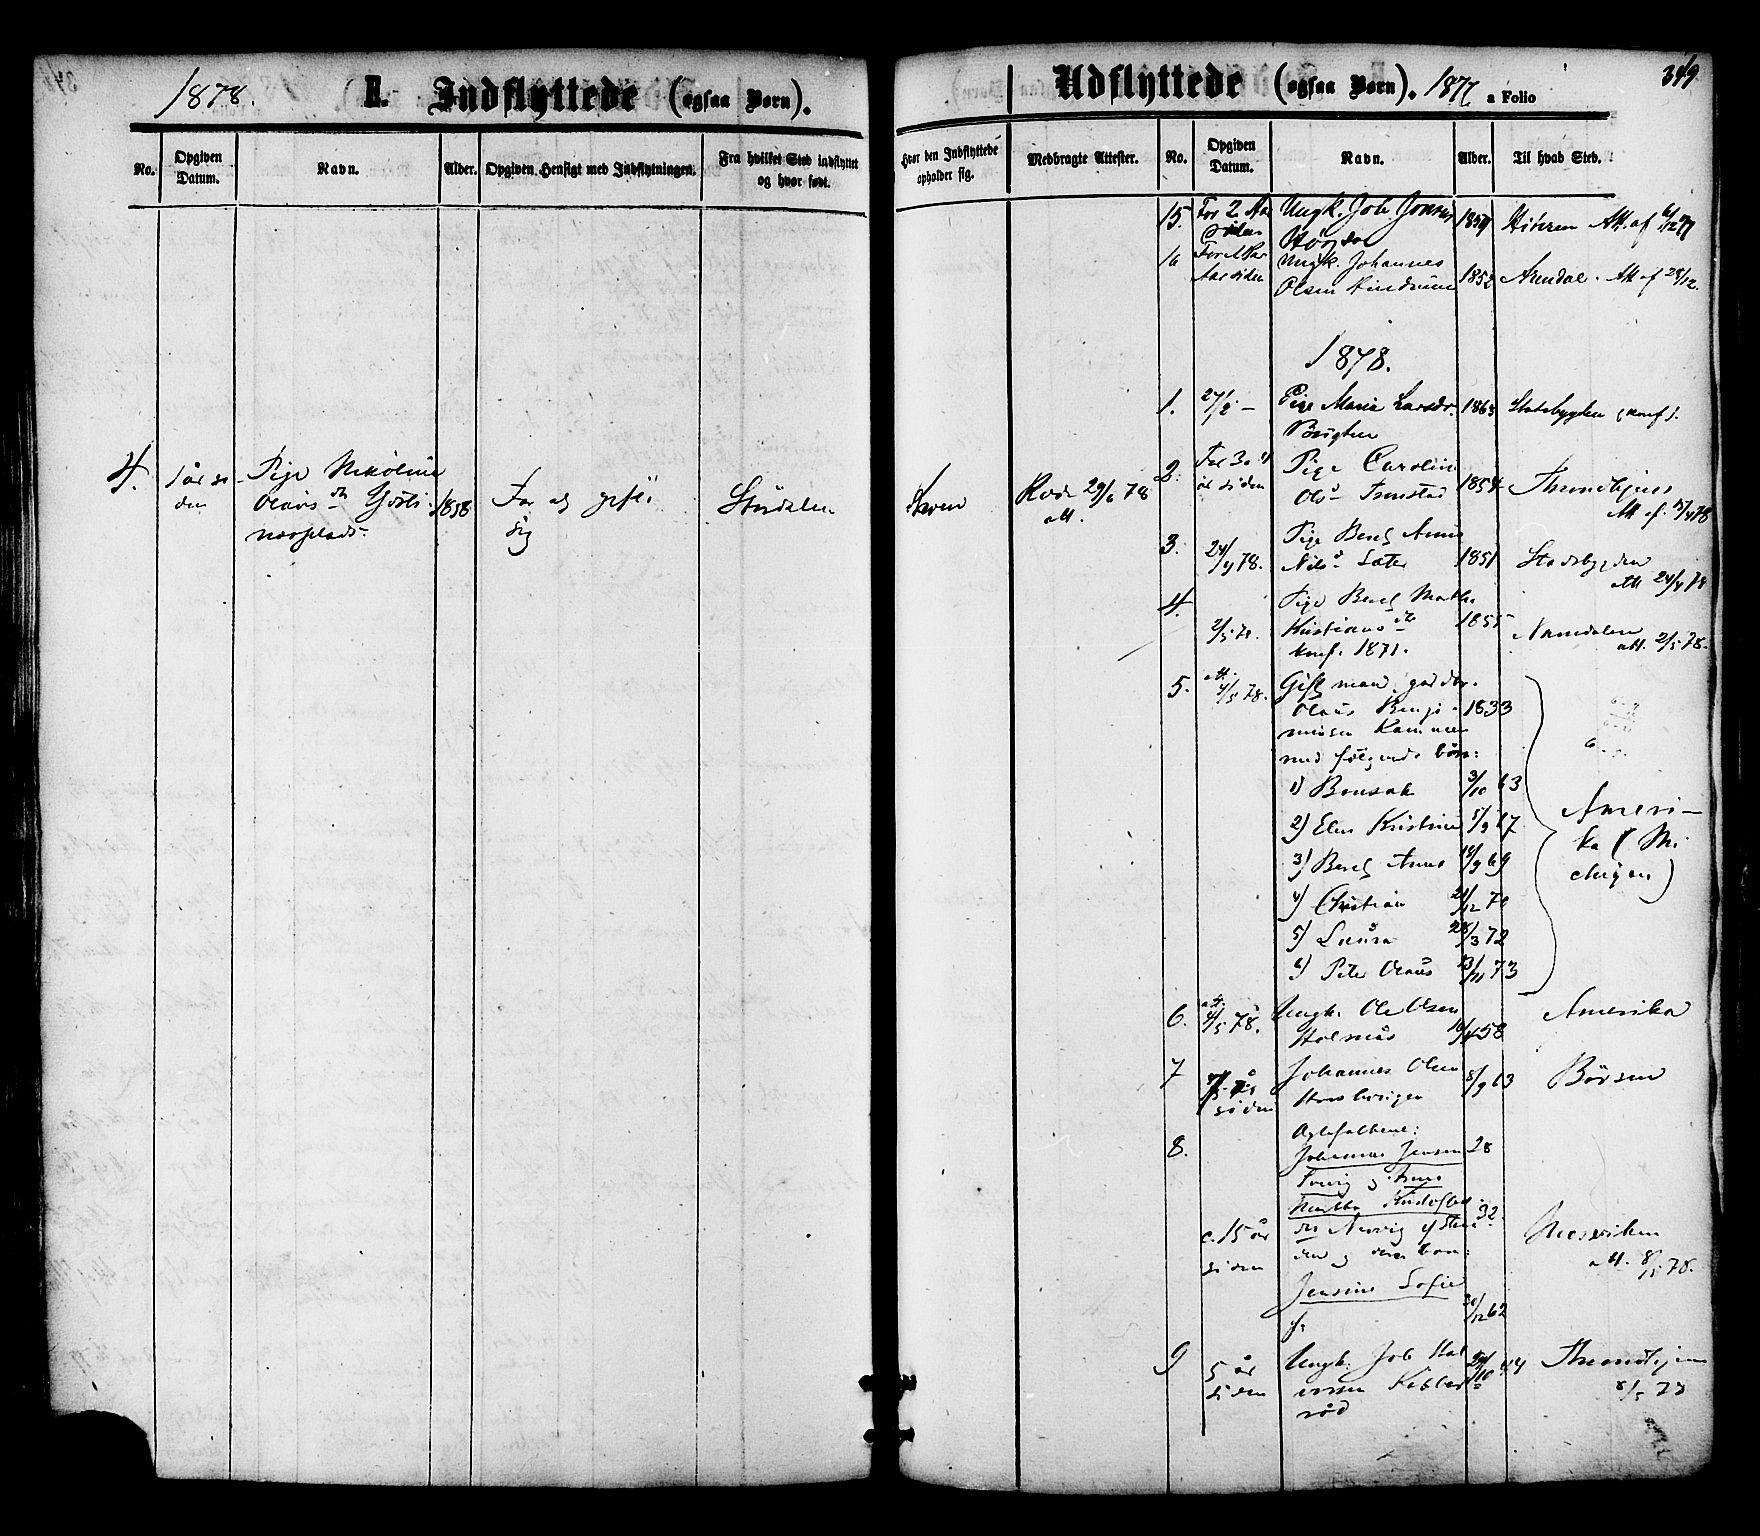 SAT, Ministerialprotokoller, klokkerbøker og fødselsregistre - Nord-Trøndelag, 701/L0009: Ministerialbok nr. 701A09 /1, 1864-1882, s. 349